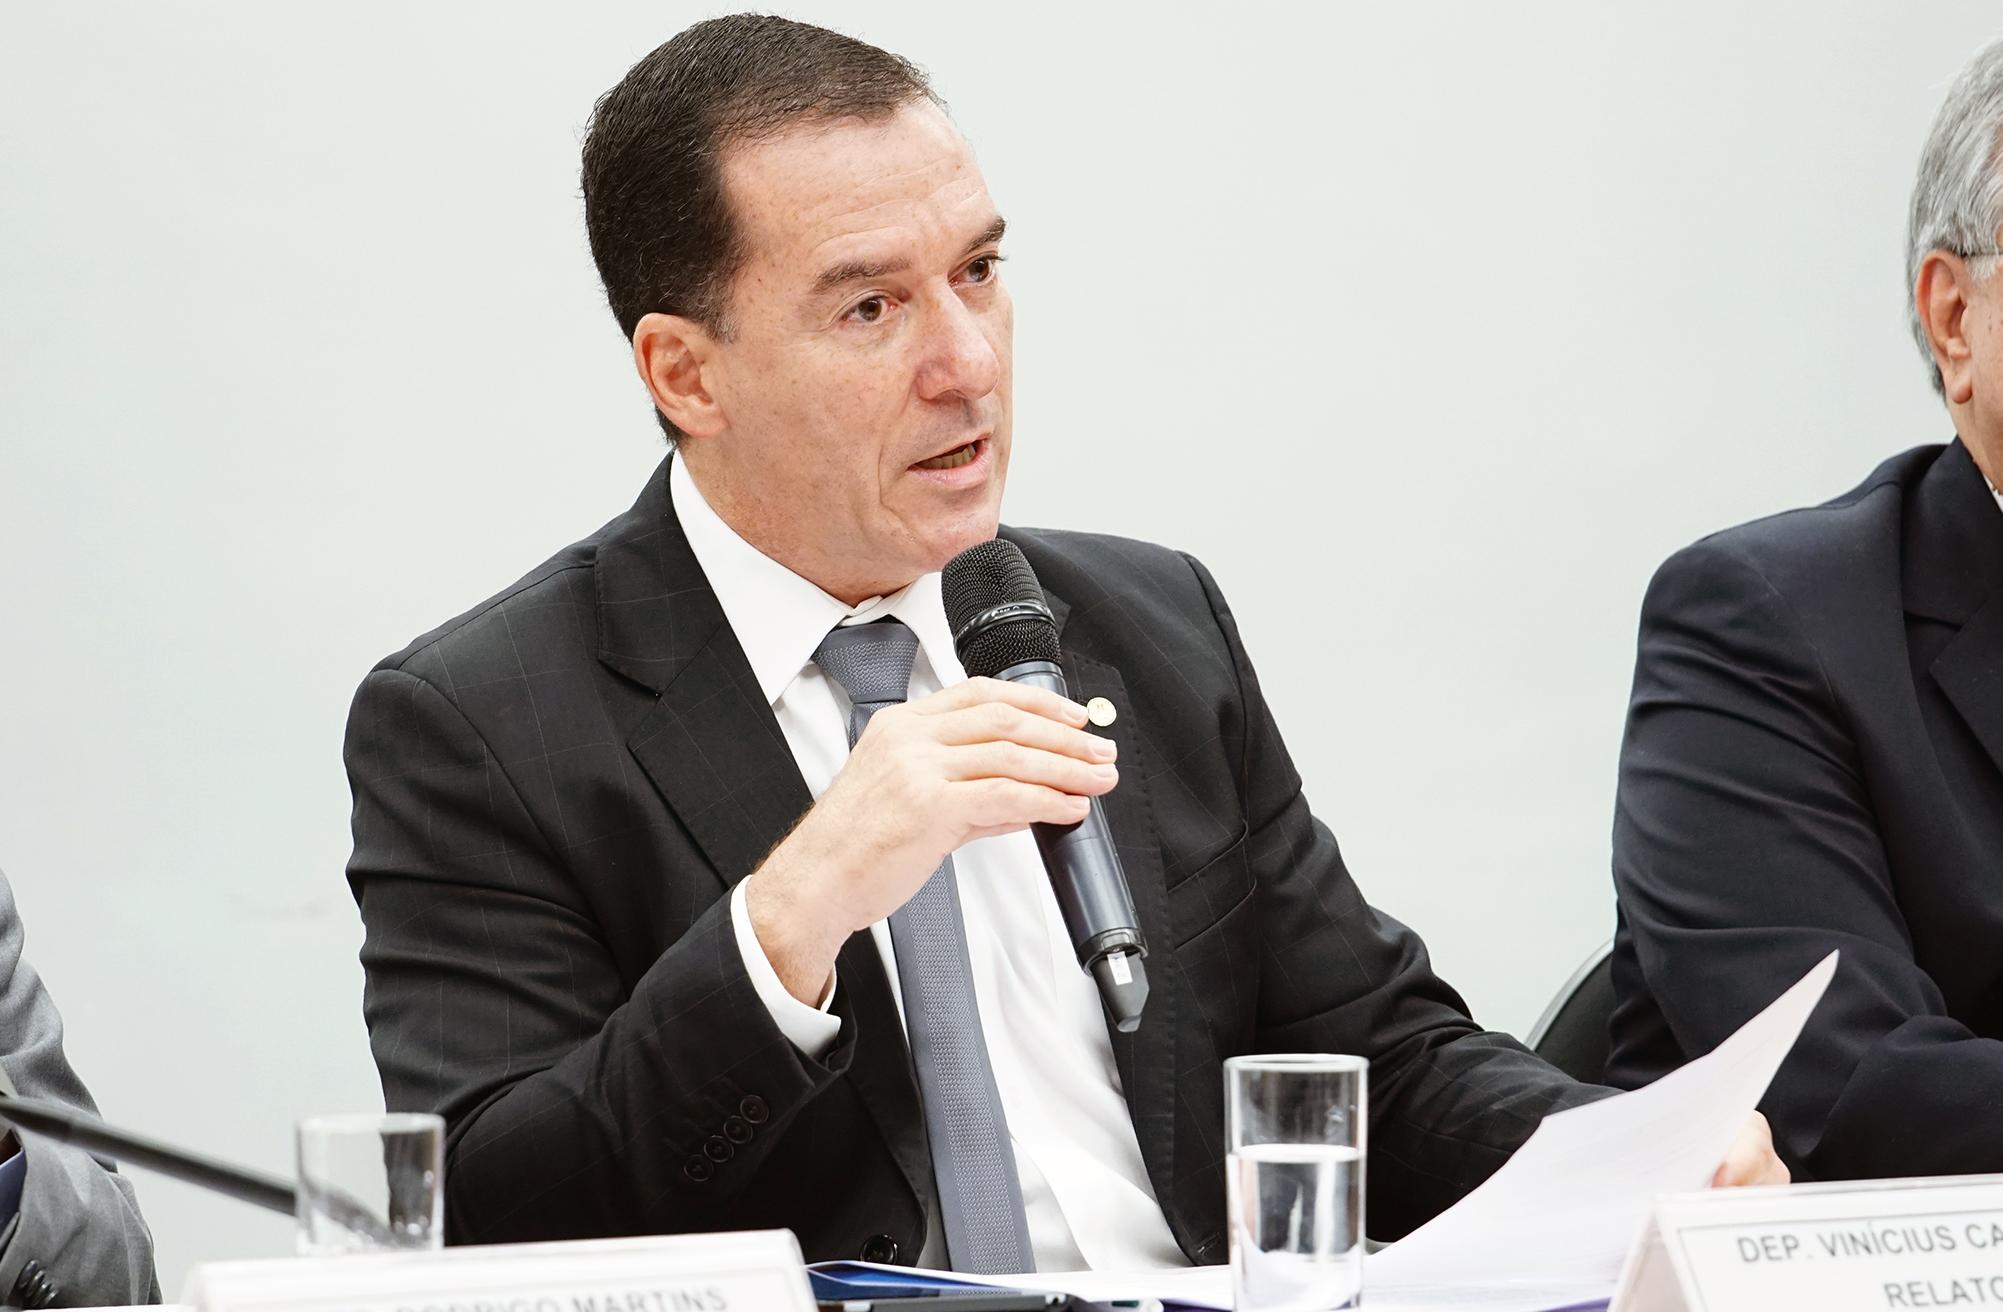 Audiência Pública e Reunião Ordinária. Dep. Vinicius Carvalho (PRB - SP)